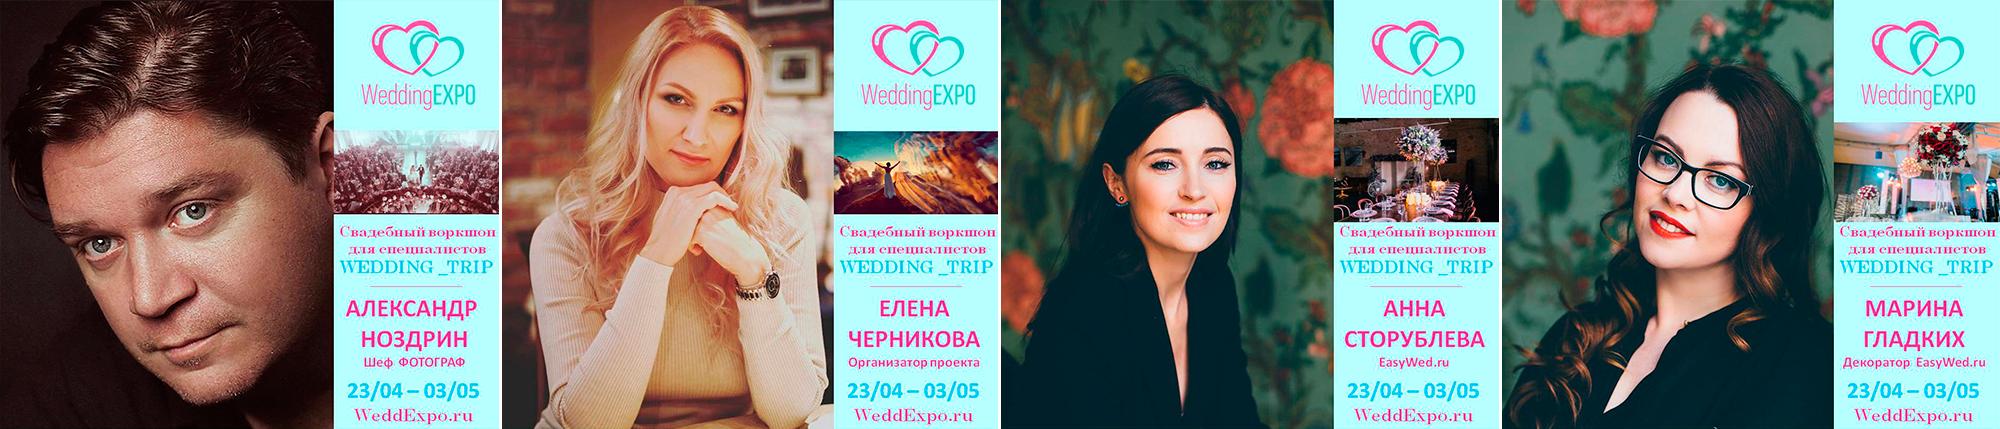 ТУР ДЛЯ СВАДЕБНЫХ СПЕЦИАЛИСТОВ по различным странам Европы - WEDDING TRIP WORKSHOP - 2018 !